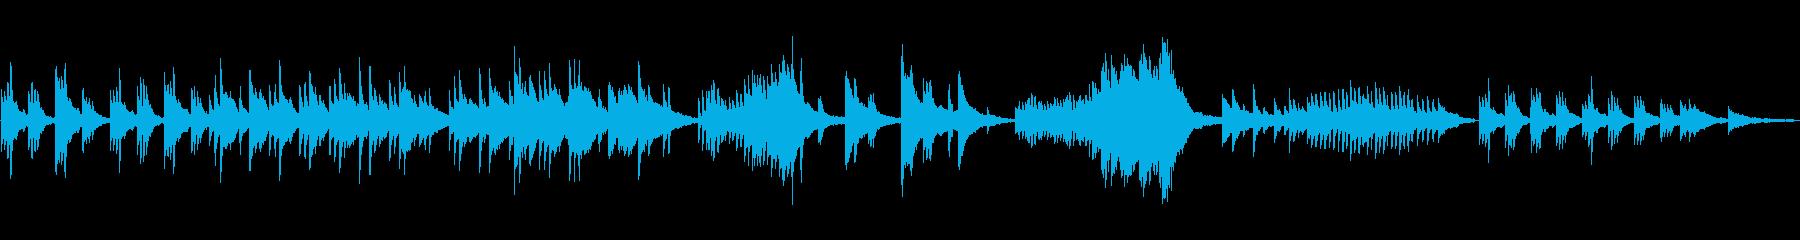 幻想的な映像に合わせやすいピアノソロの再生済みの波形